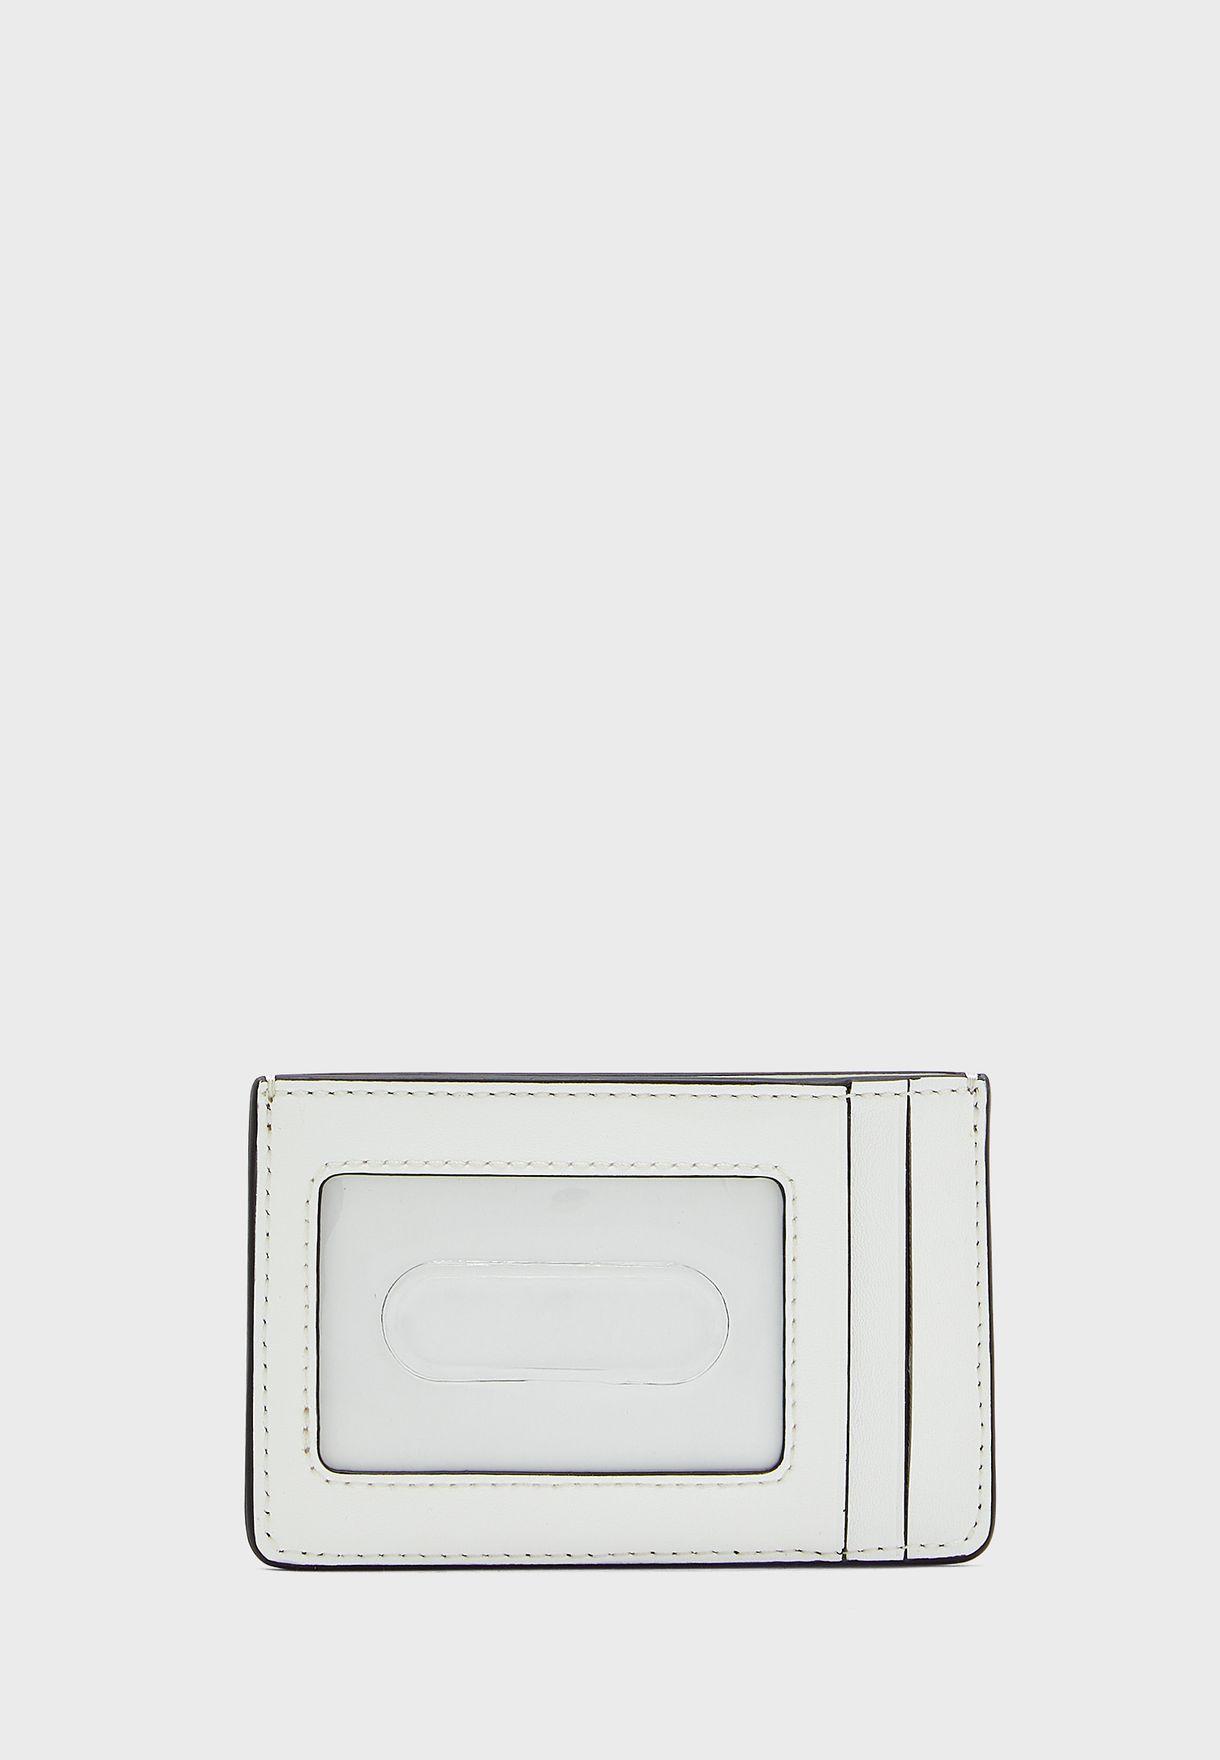 حافظة بطاقات كانفاس